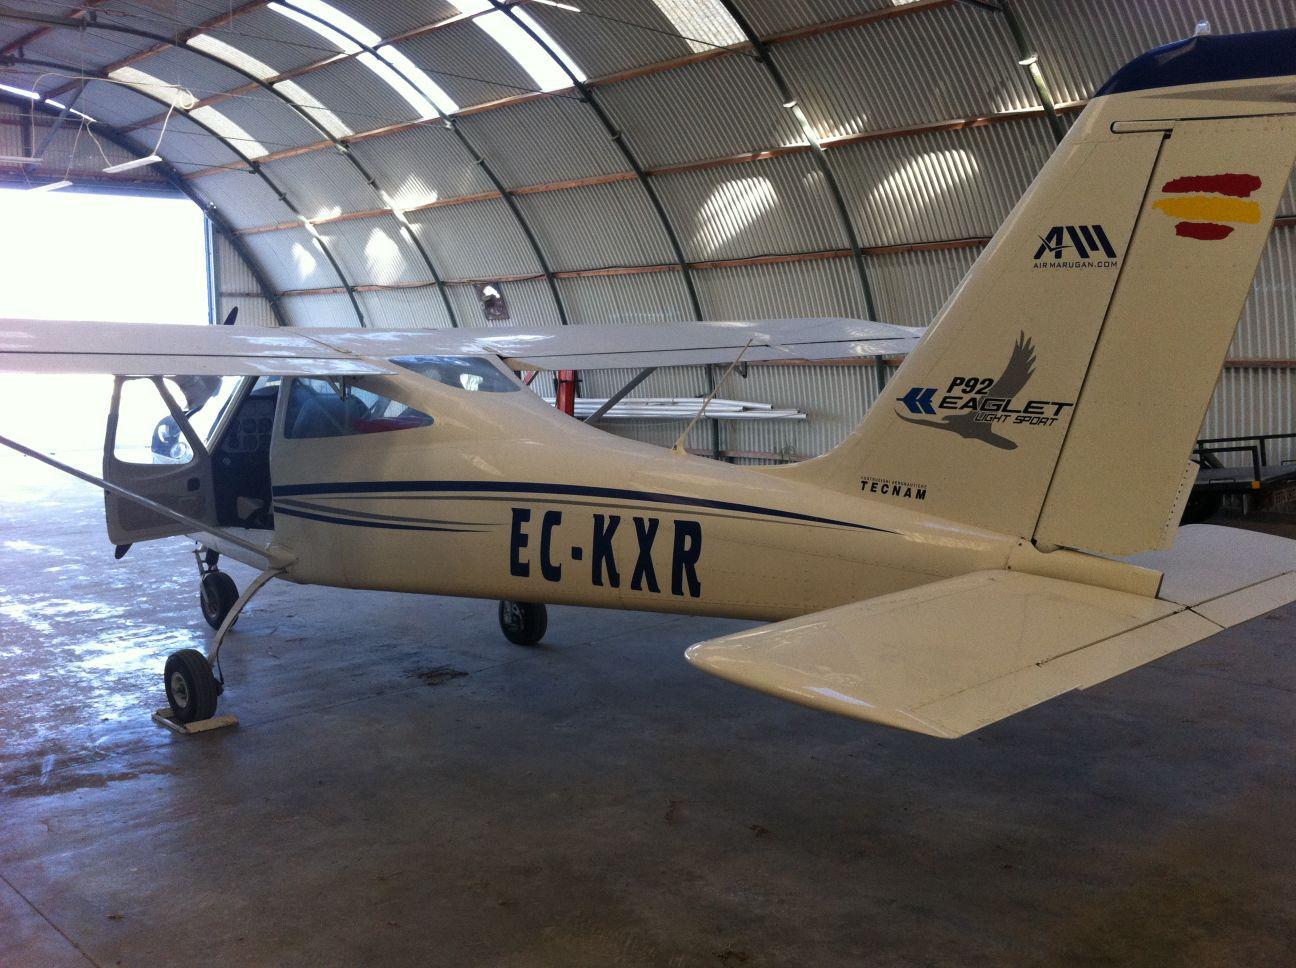 9-EC-KXR